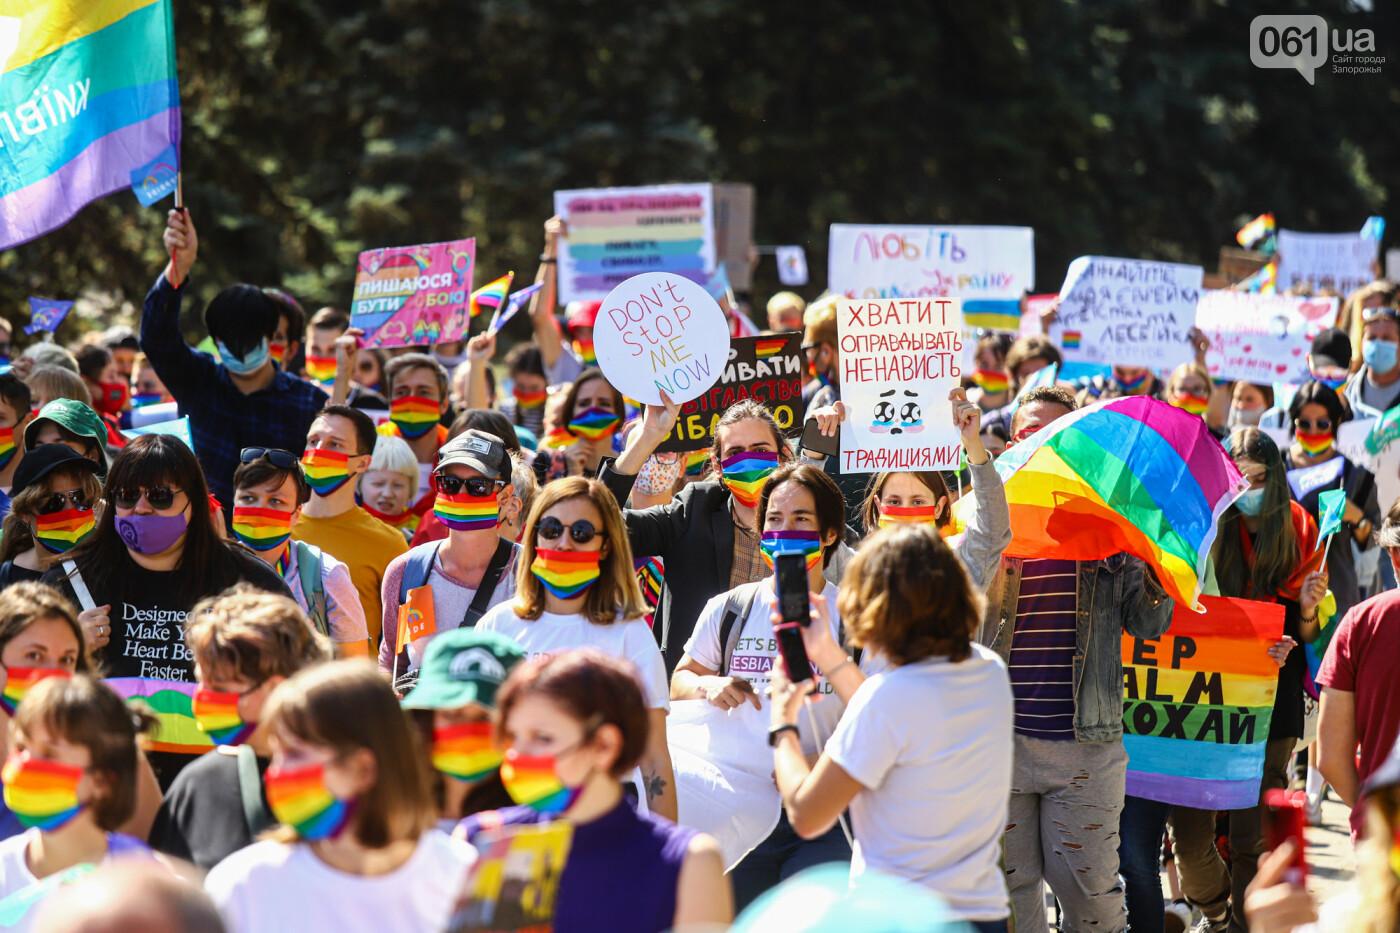 ЛГБТ-прайд, эко-митинг и восстановленные скульптуры в сквере Пионеров: сентябрь в фотографиях , фото-112